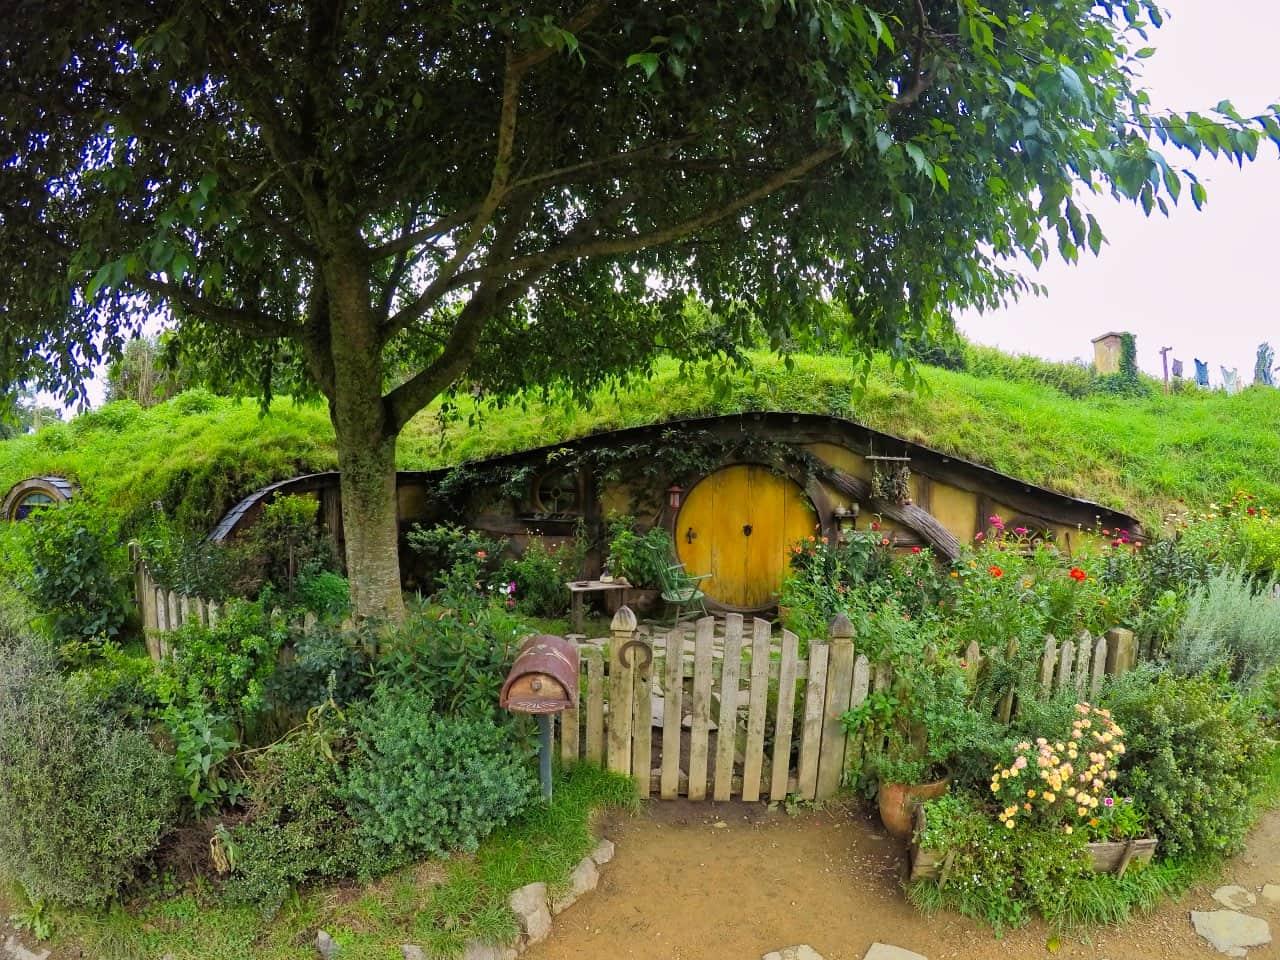 Hobbiton-Movie-Set-yellow-Door